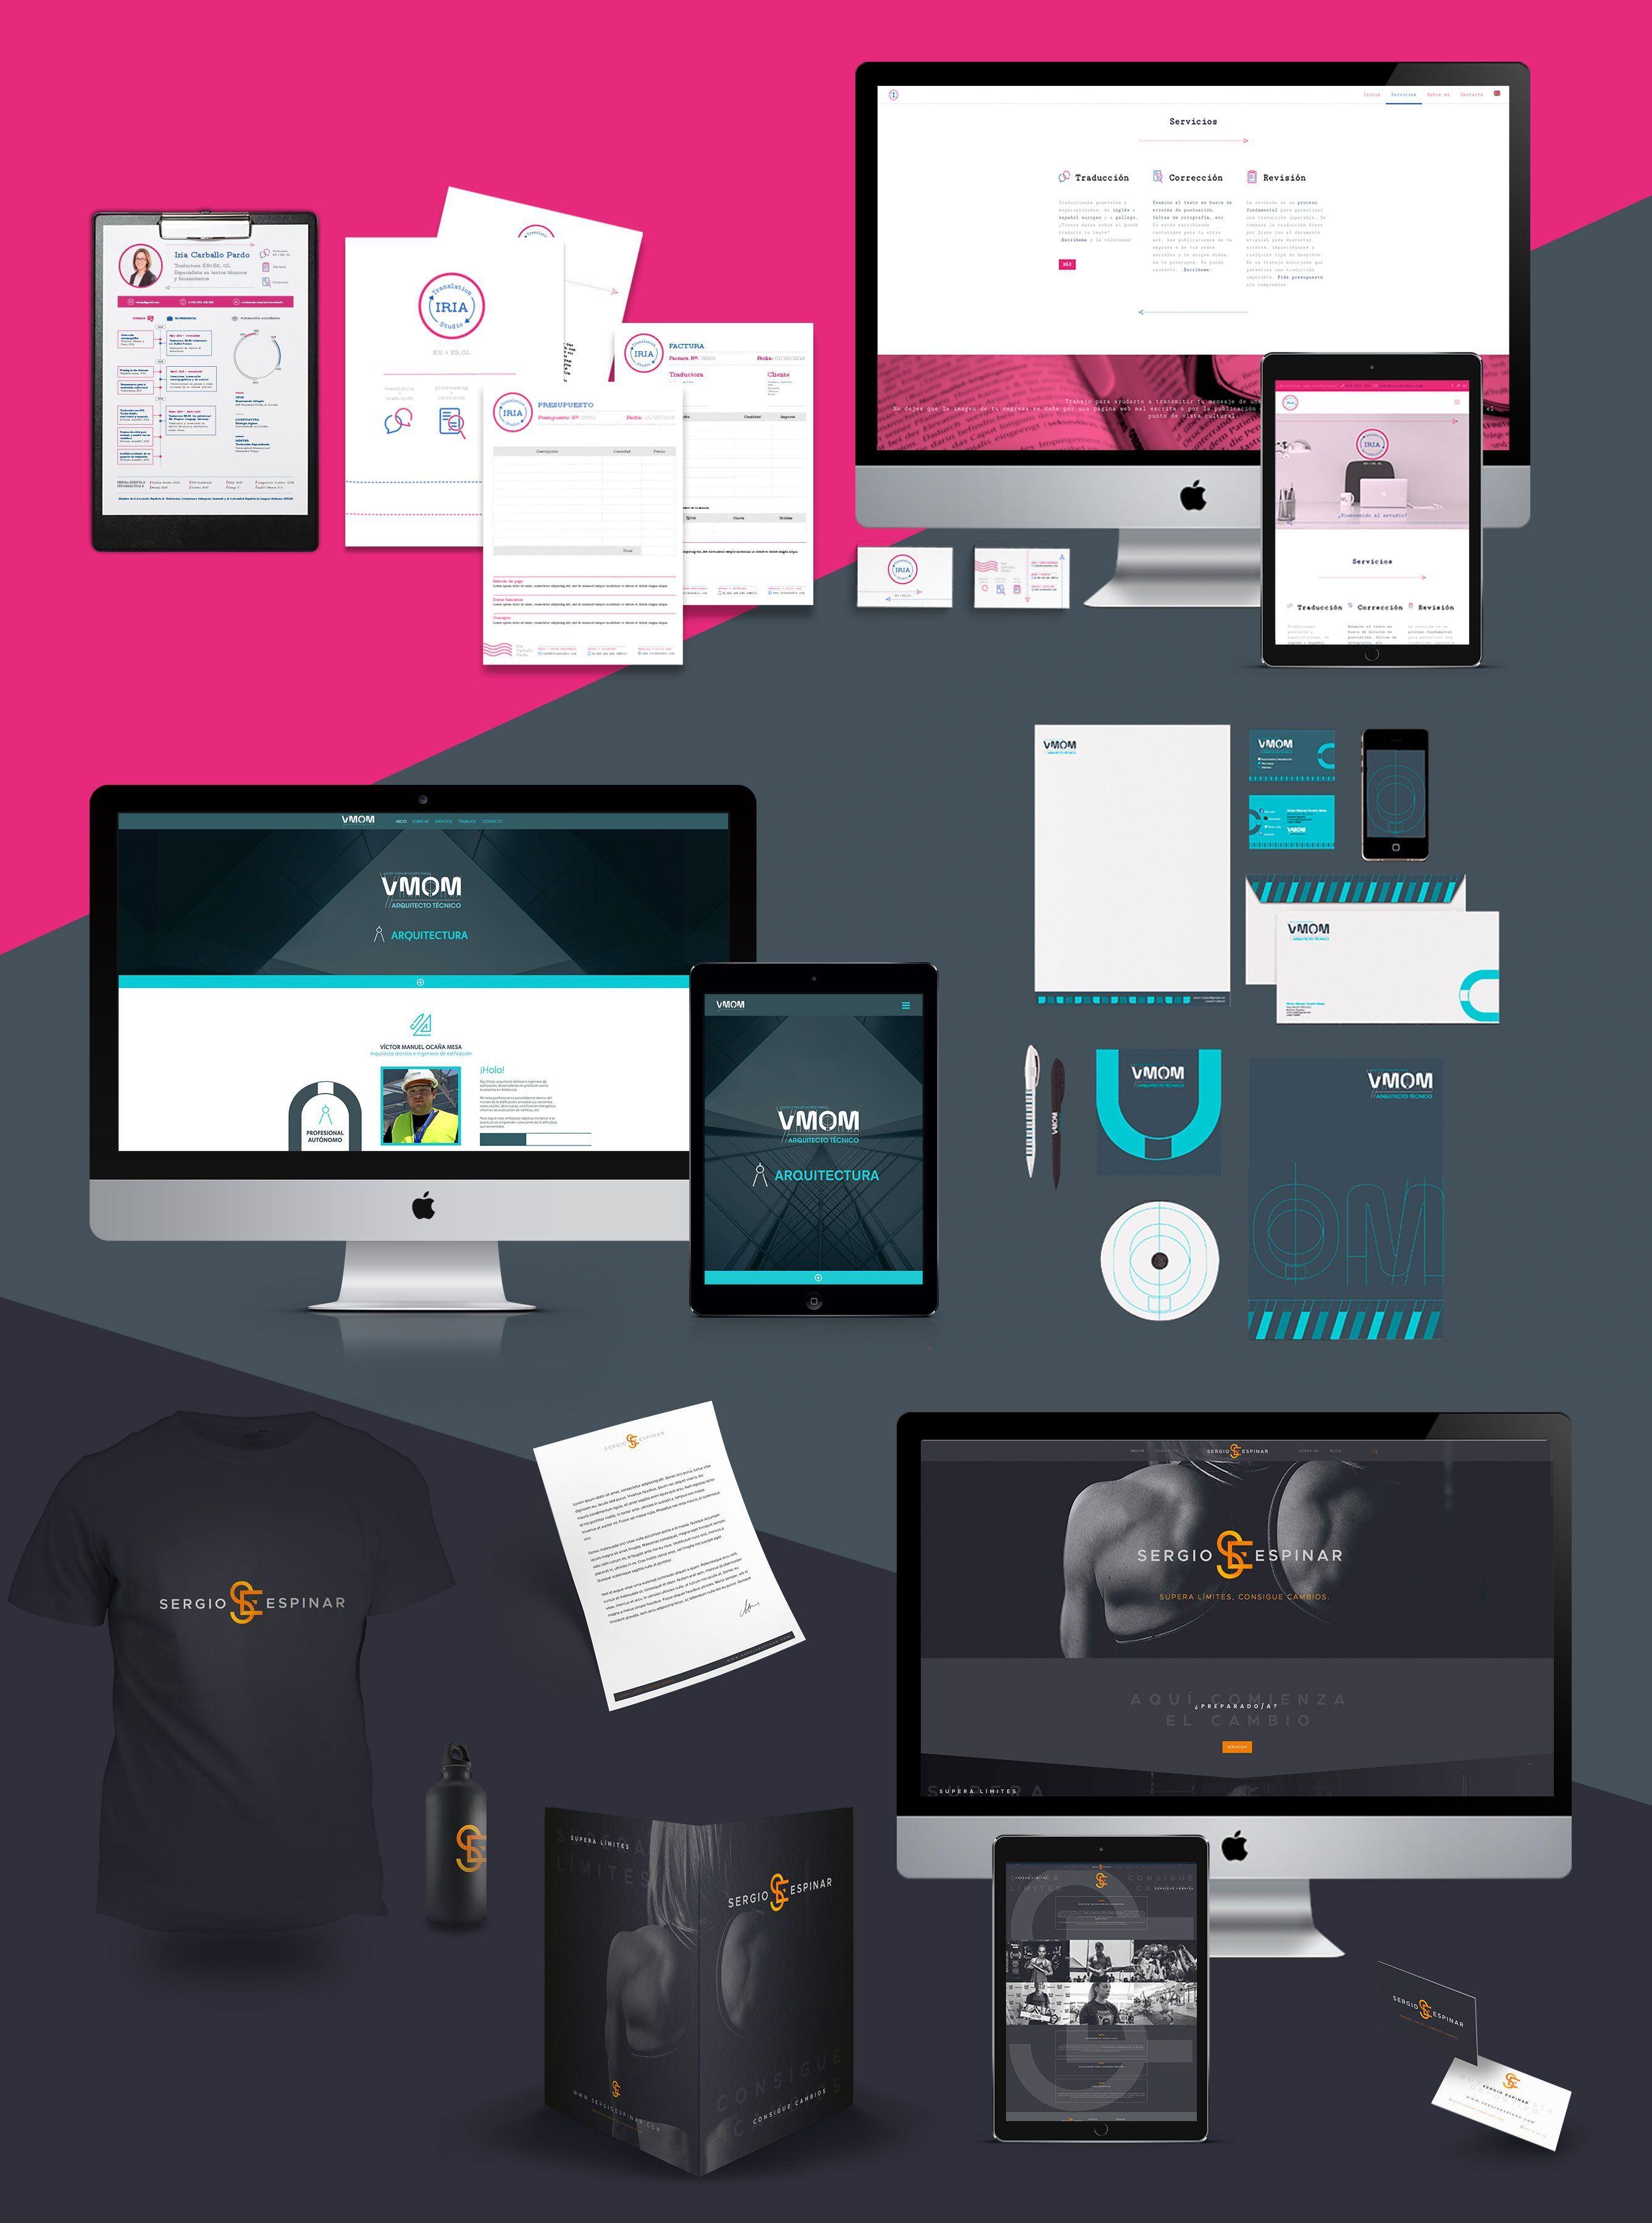 servicio-branding